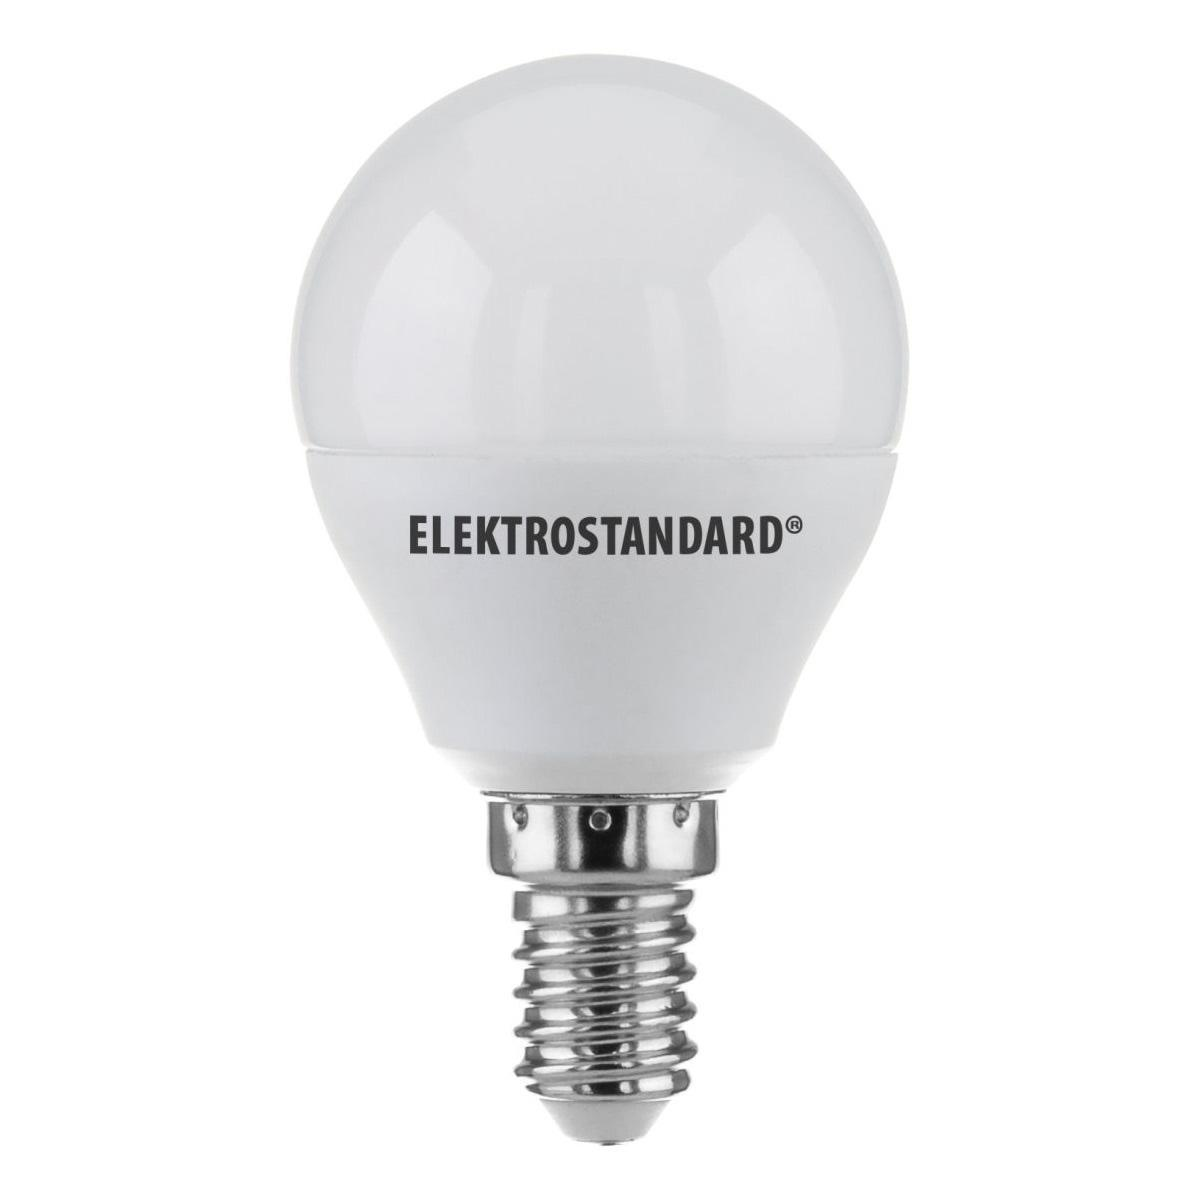 купить Лампа светодиодная E14 7W 6500K матовая 4690389085413 по цене 101 рублей